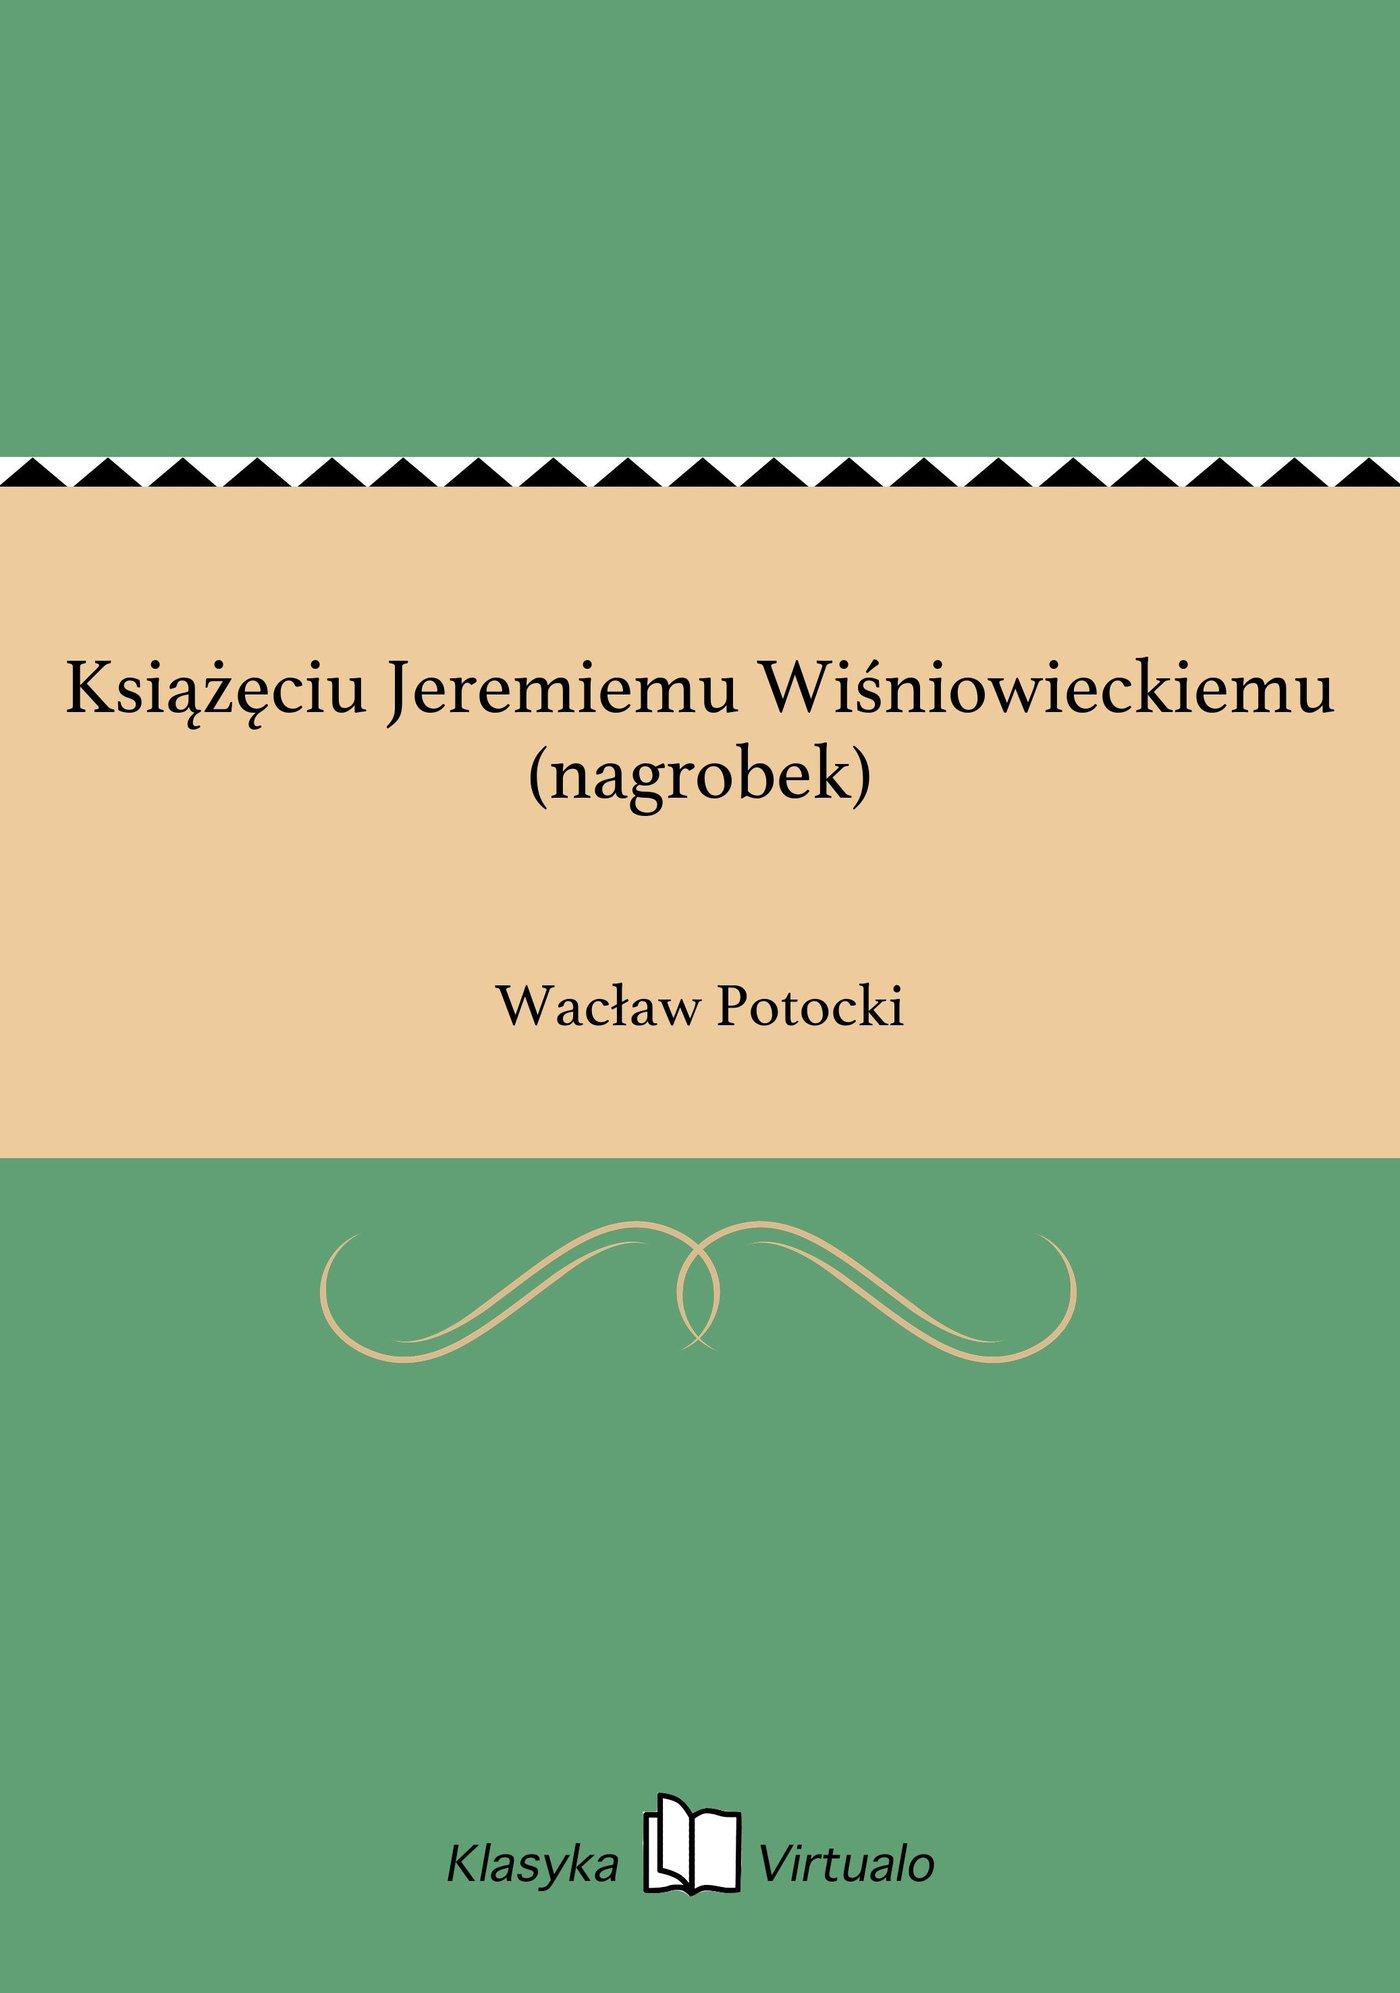 Książęciu Jeremiemu Wiśniowieckiemu (nagrobek) - Ebook (Książka EPUB) do pobrania w formacie EPUB